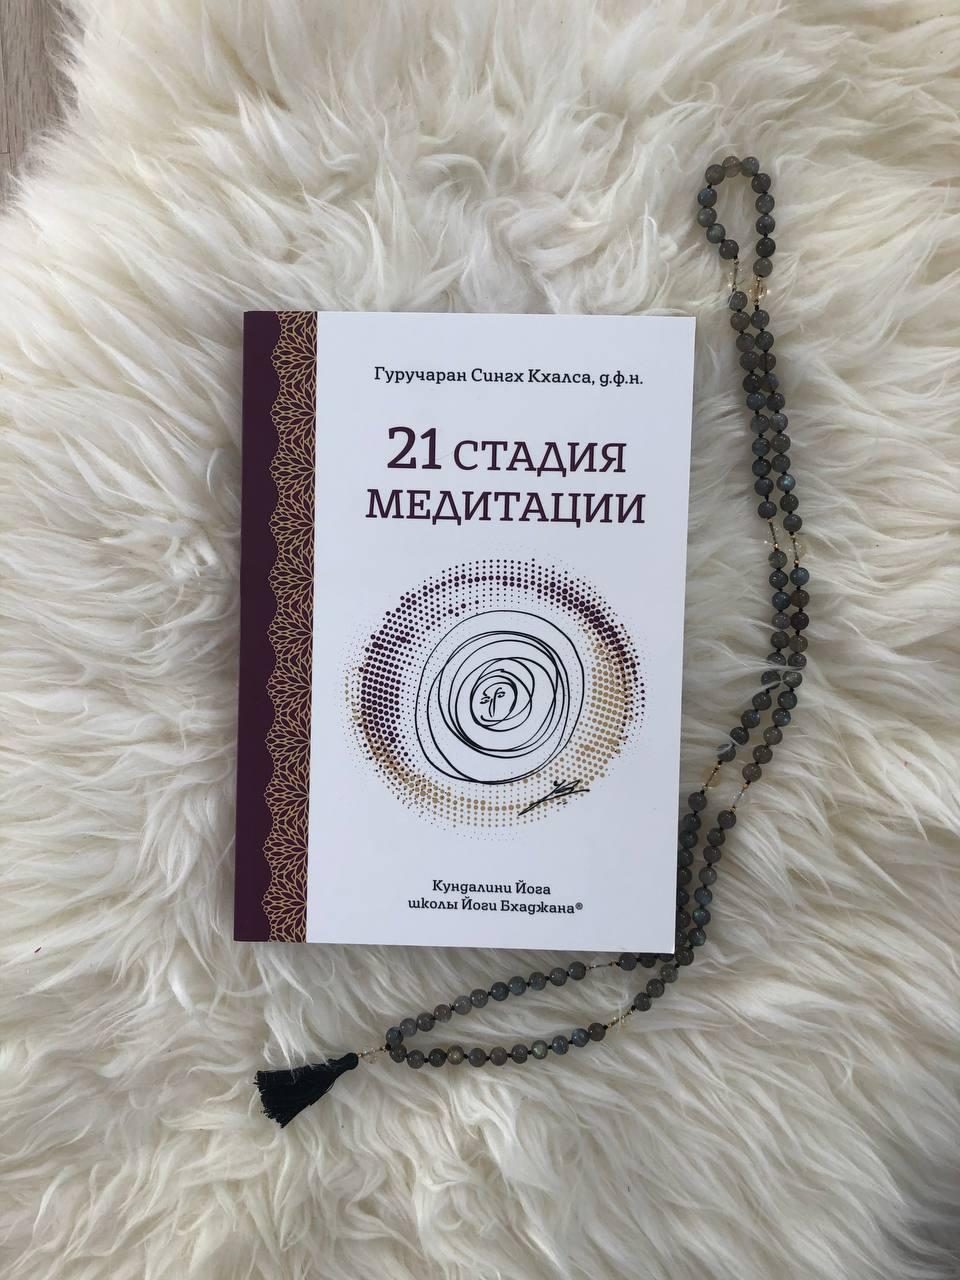 21 Стадия Медитации